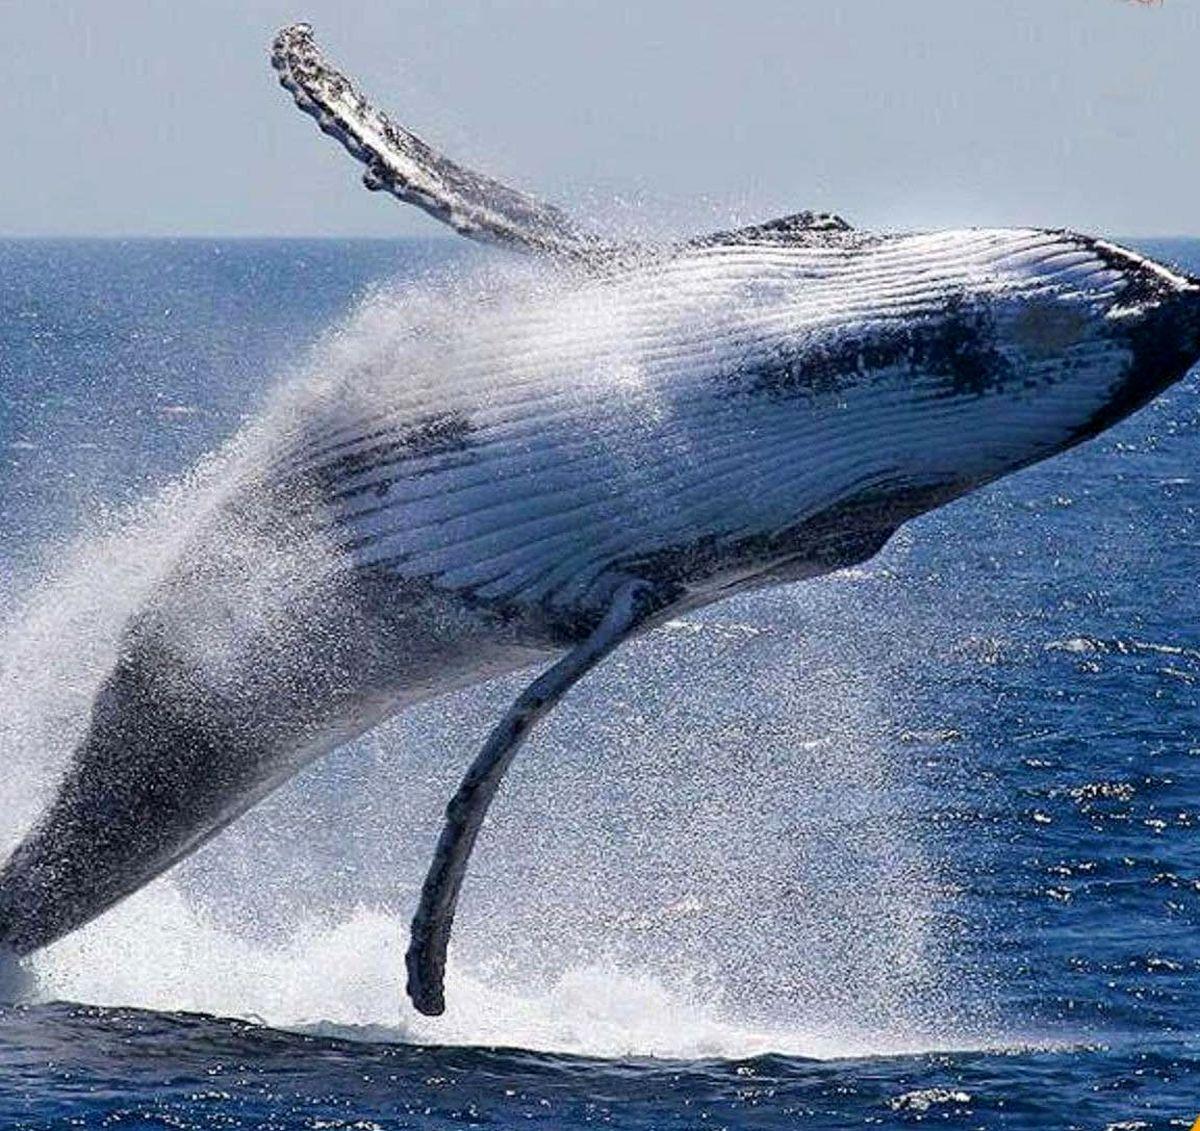 شدیدترین نعره مربوط به این حیوان عظیم است